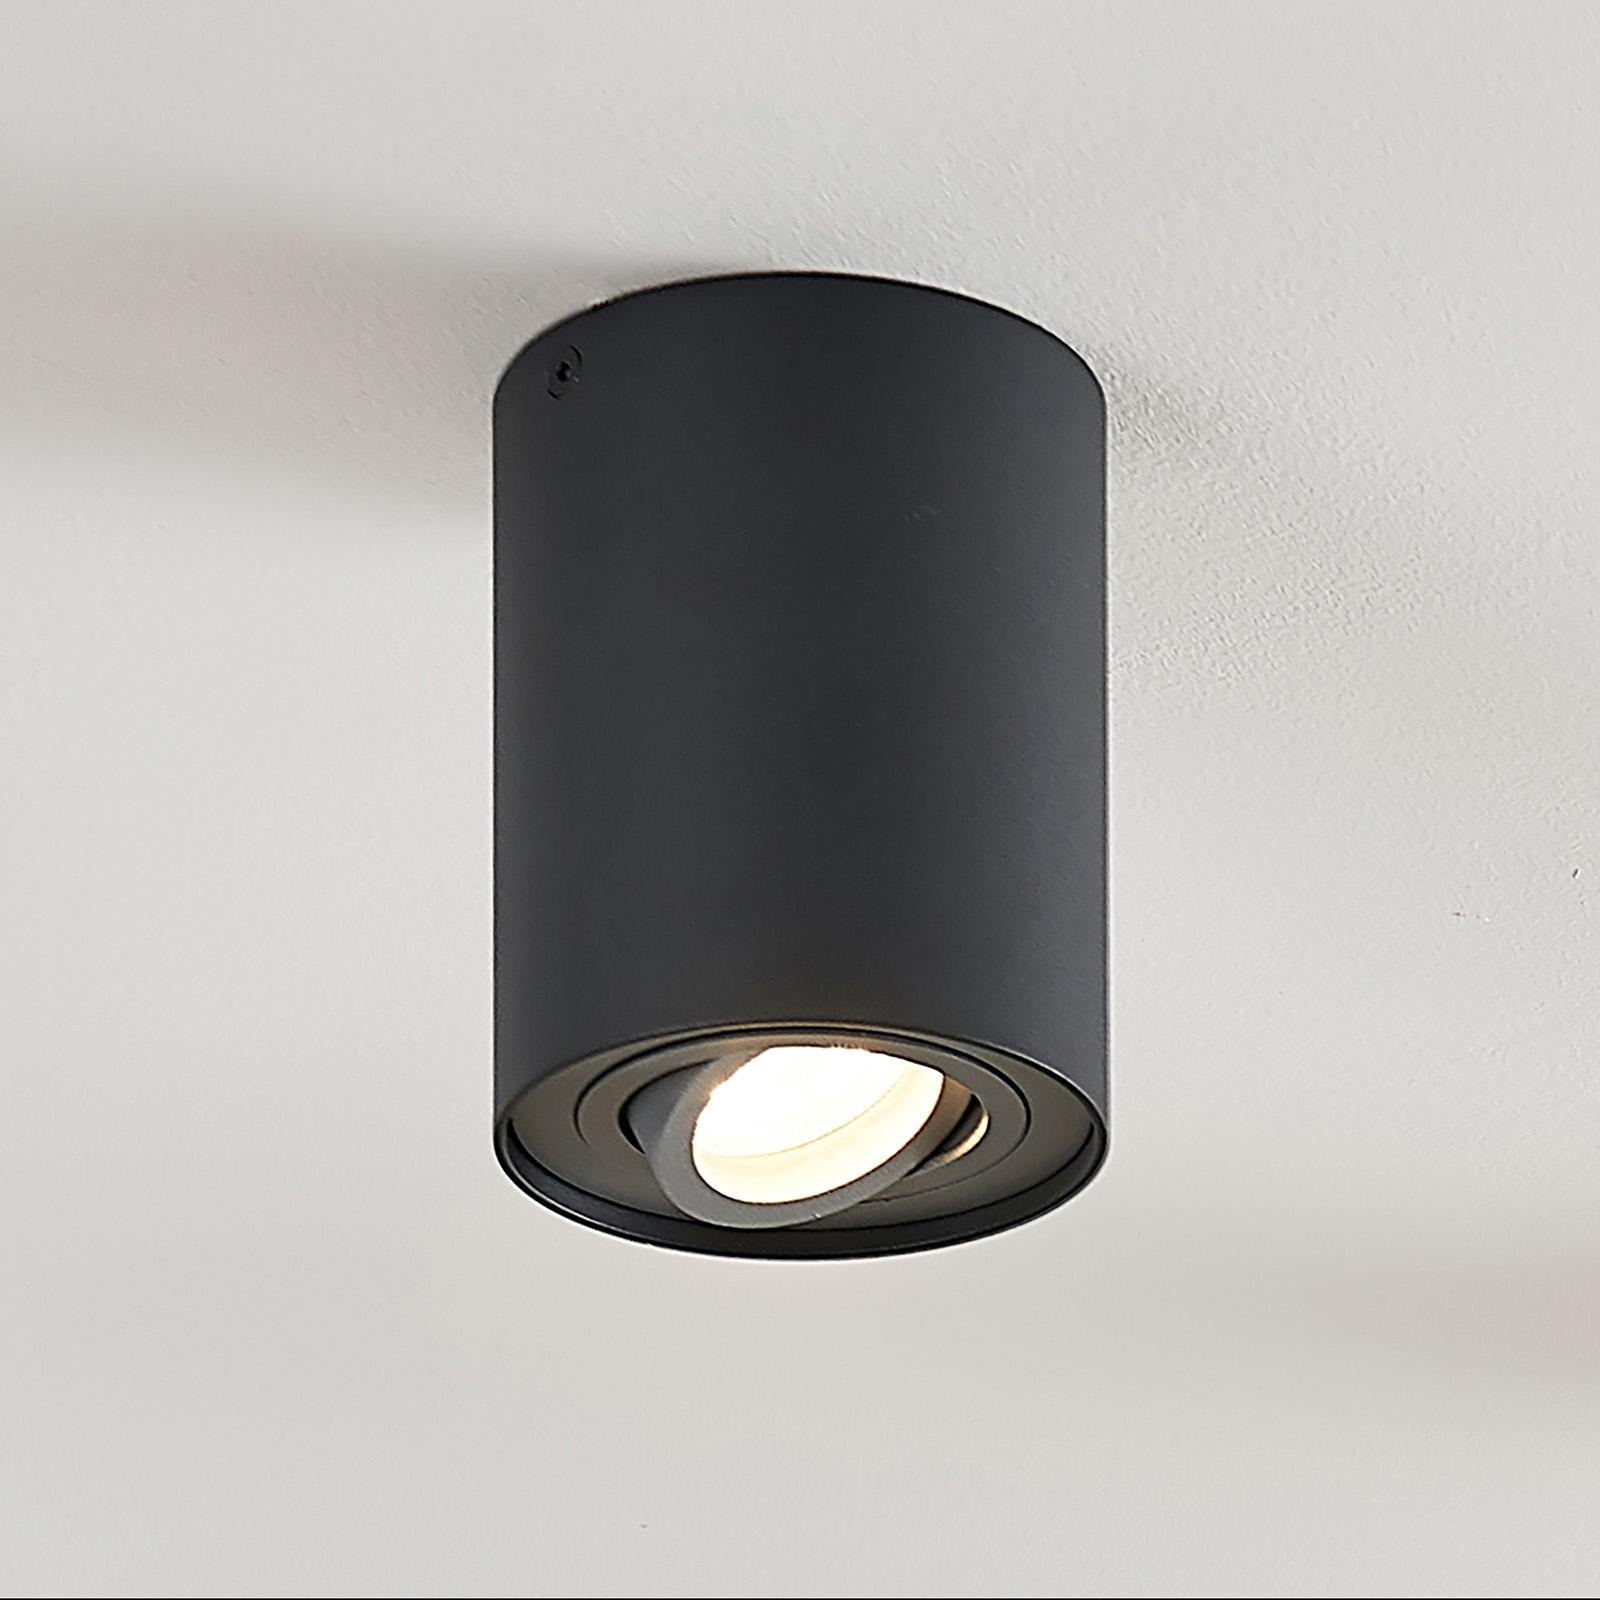 ELC Jeyla påbyggnads-downlight, GU10, rund, svart